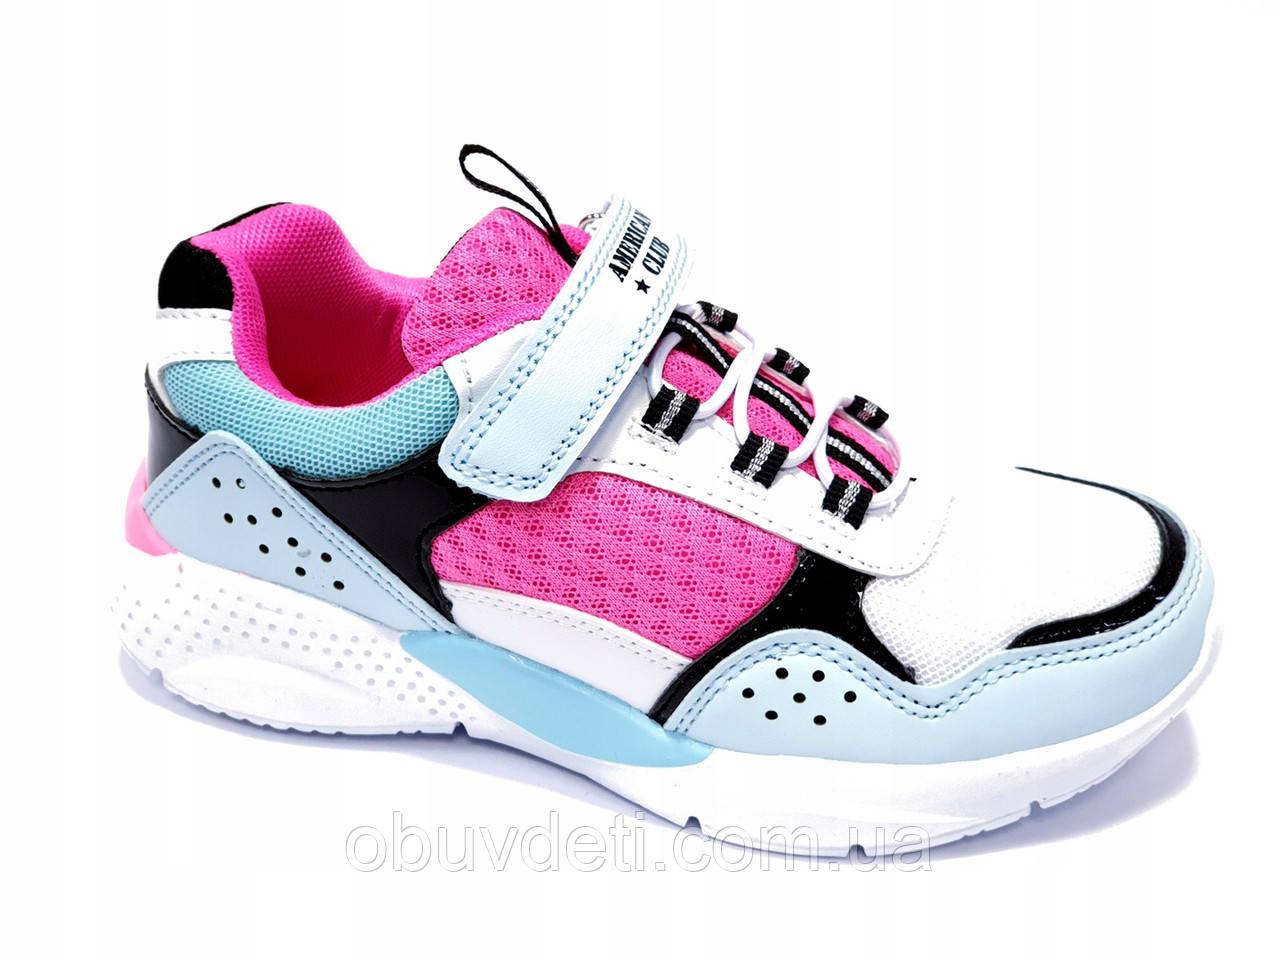 Качественные кроссовки для девочки american club 33 размер - 21,7 см